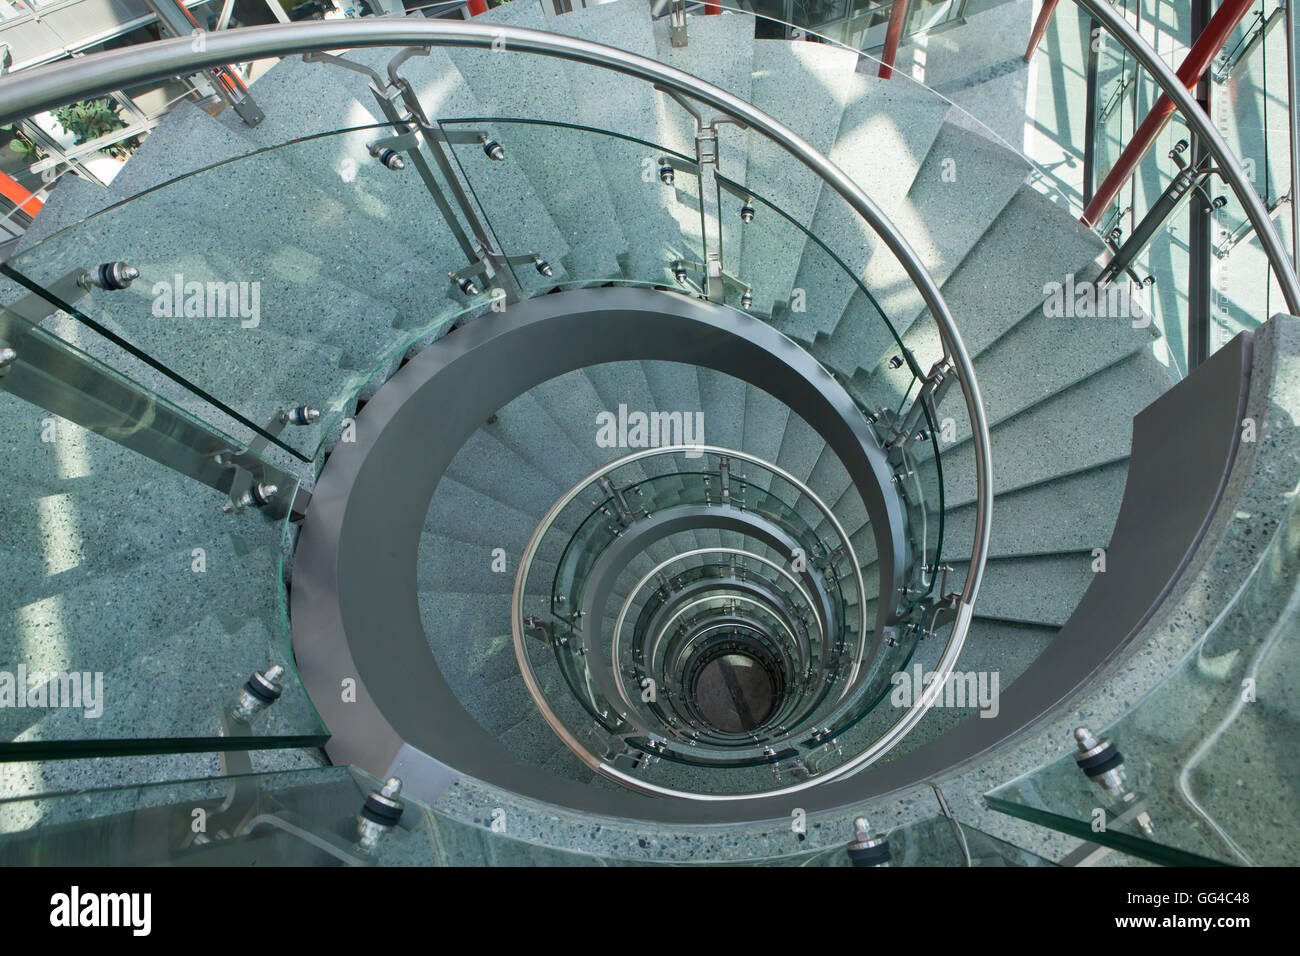 Progettazione Scale A Chiocciola : La scala a chiocciola in ufficio edificio casa del nilo progettato